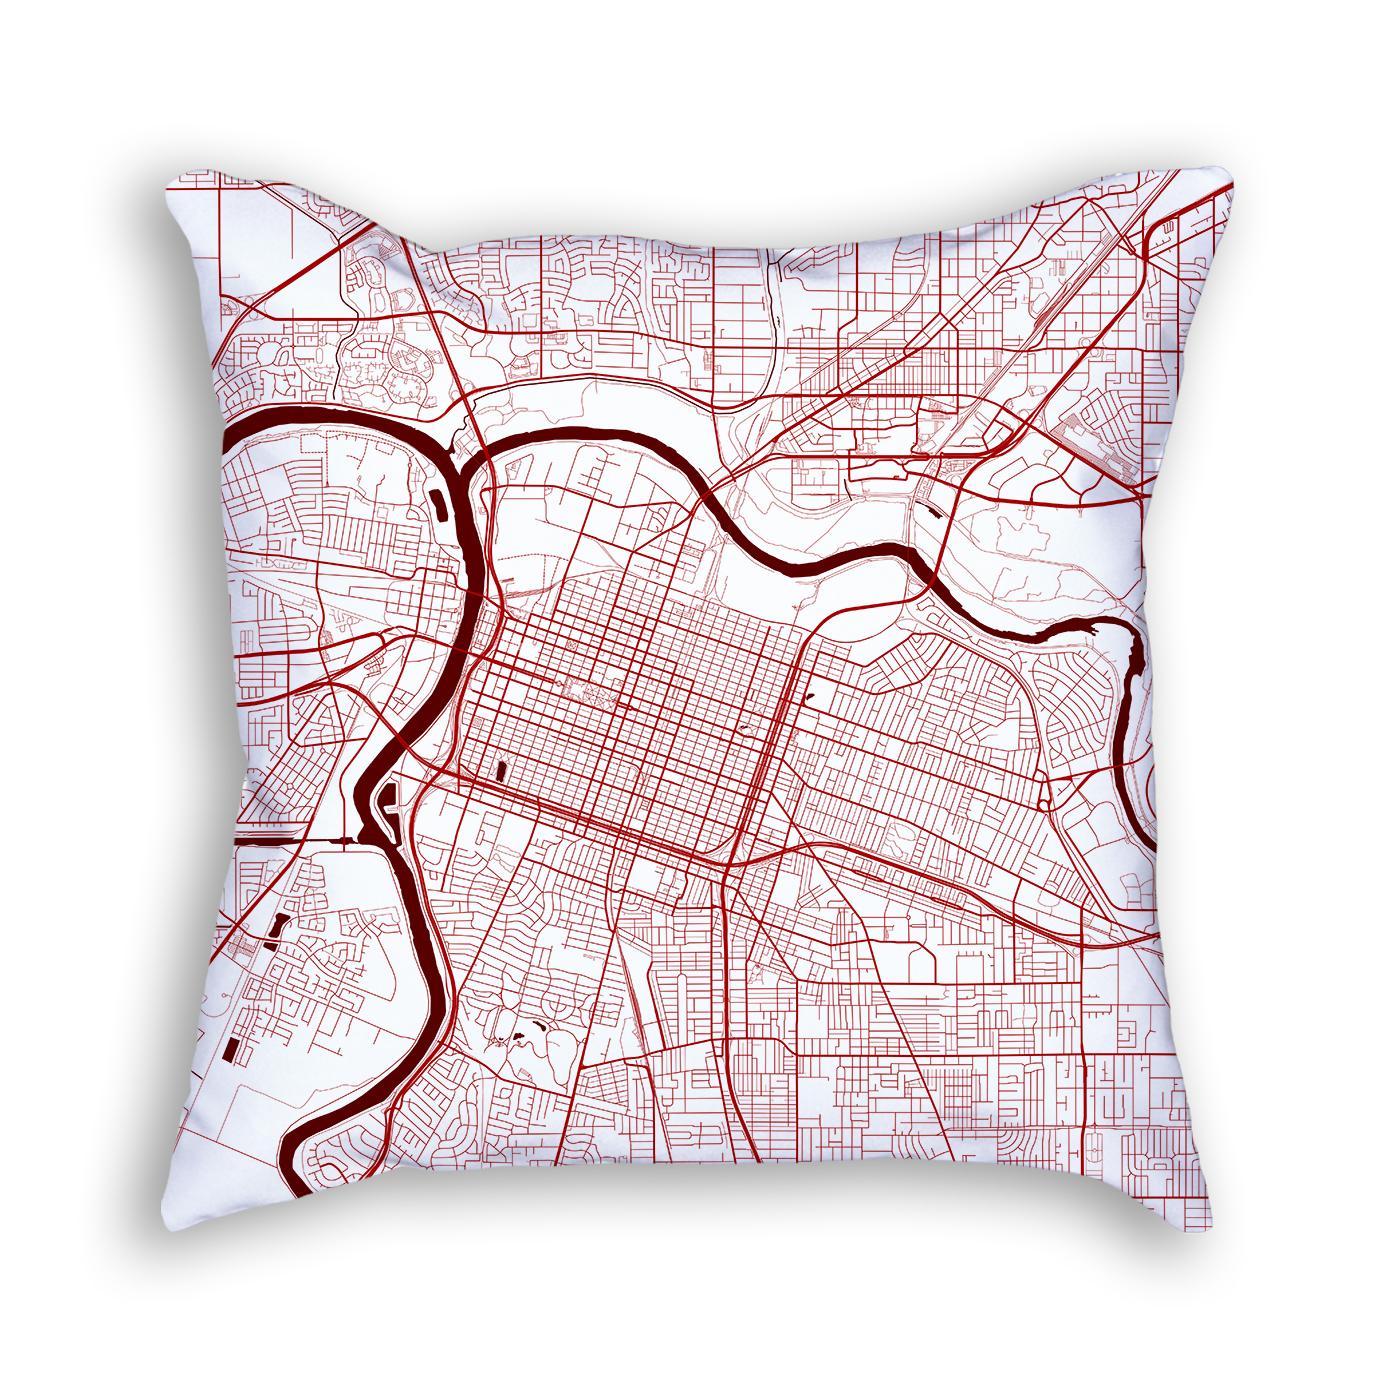 Sacramento California Throw Pillow – City Map Decor - California Map Pillow